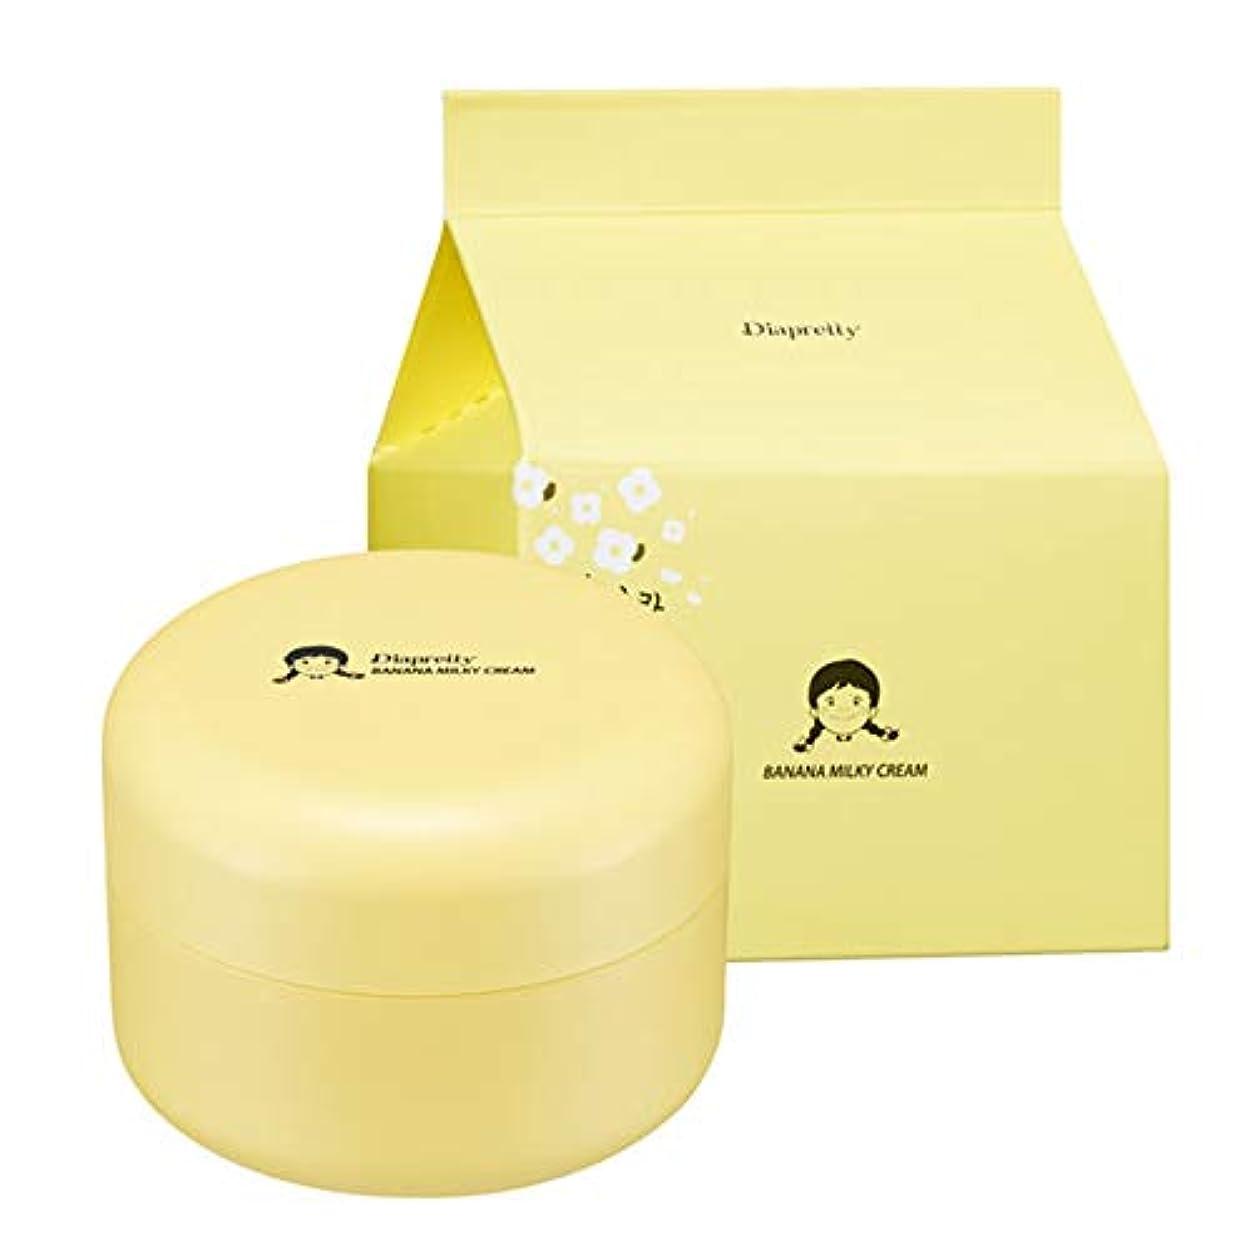 リビングルーム平方プロポーショナル[ダイアプリティ] バナナ ミルキークリーム 50ml, [Diapretty]Banana Milky Cream 50ml